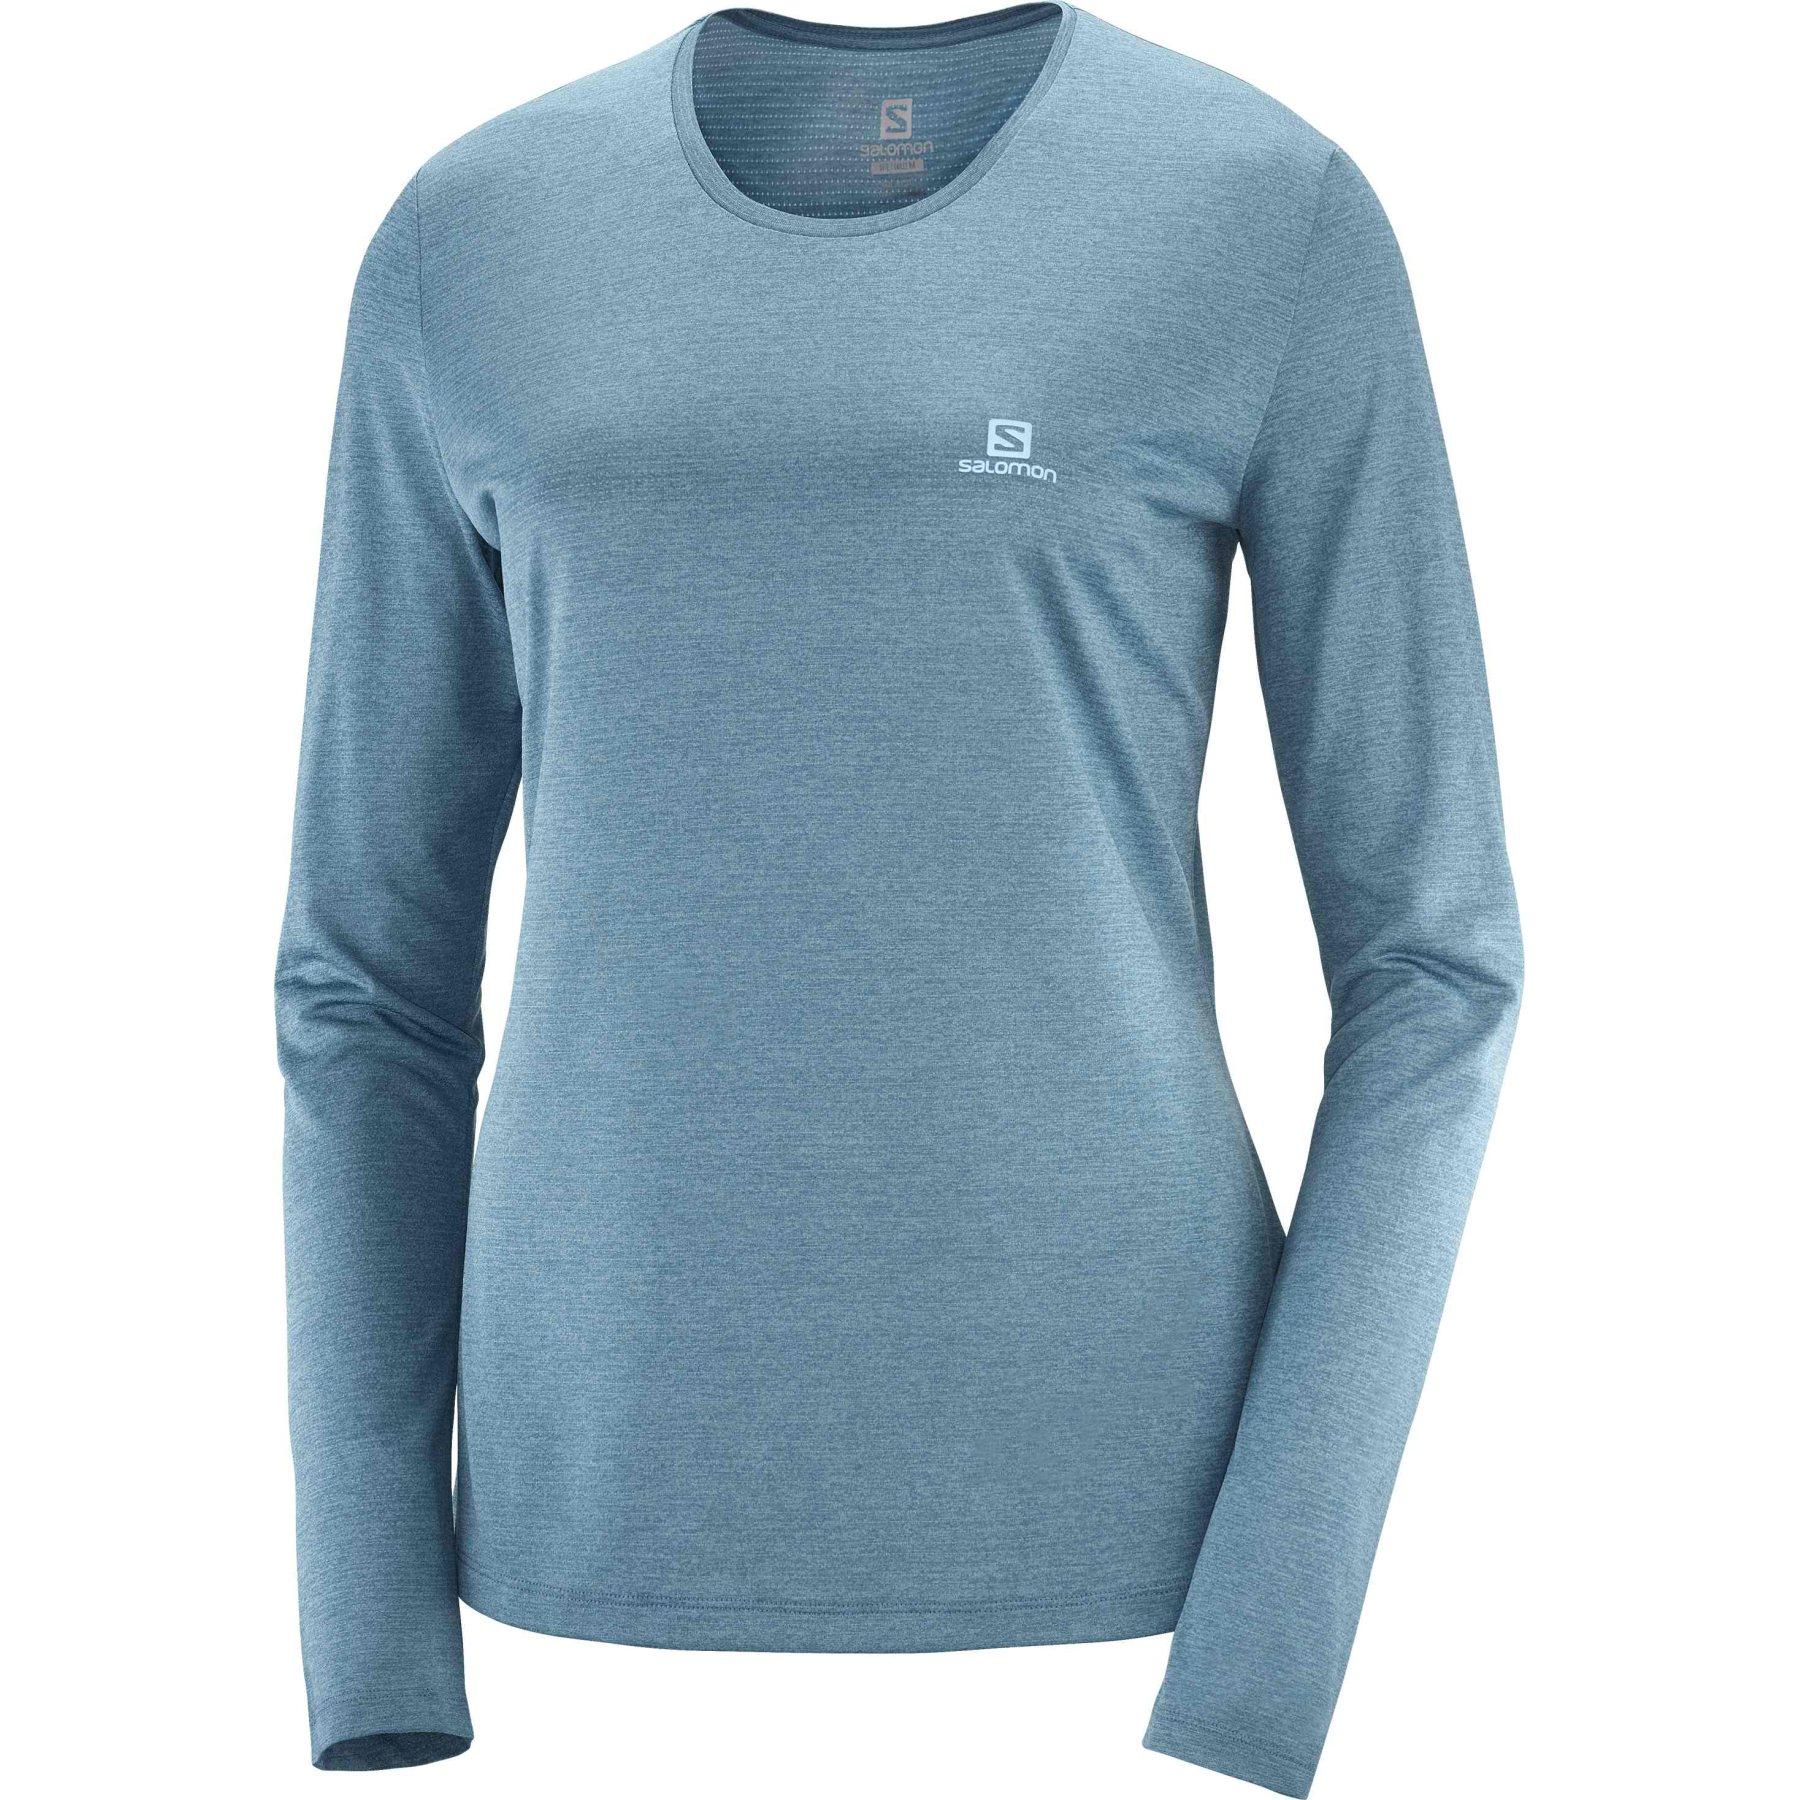 Produktbild von Salomon Agile LS Tee W Damen-Langarmshirt - mallard blue